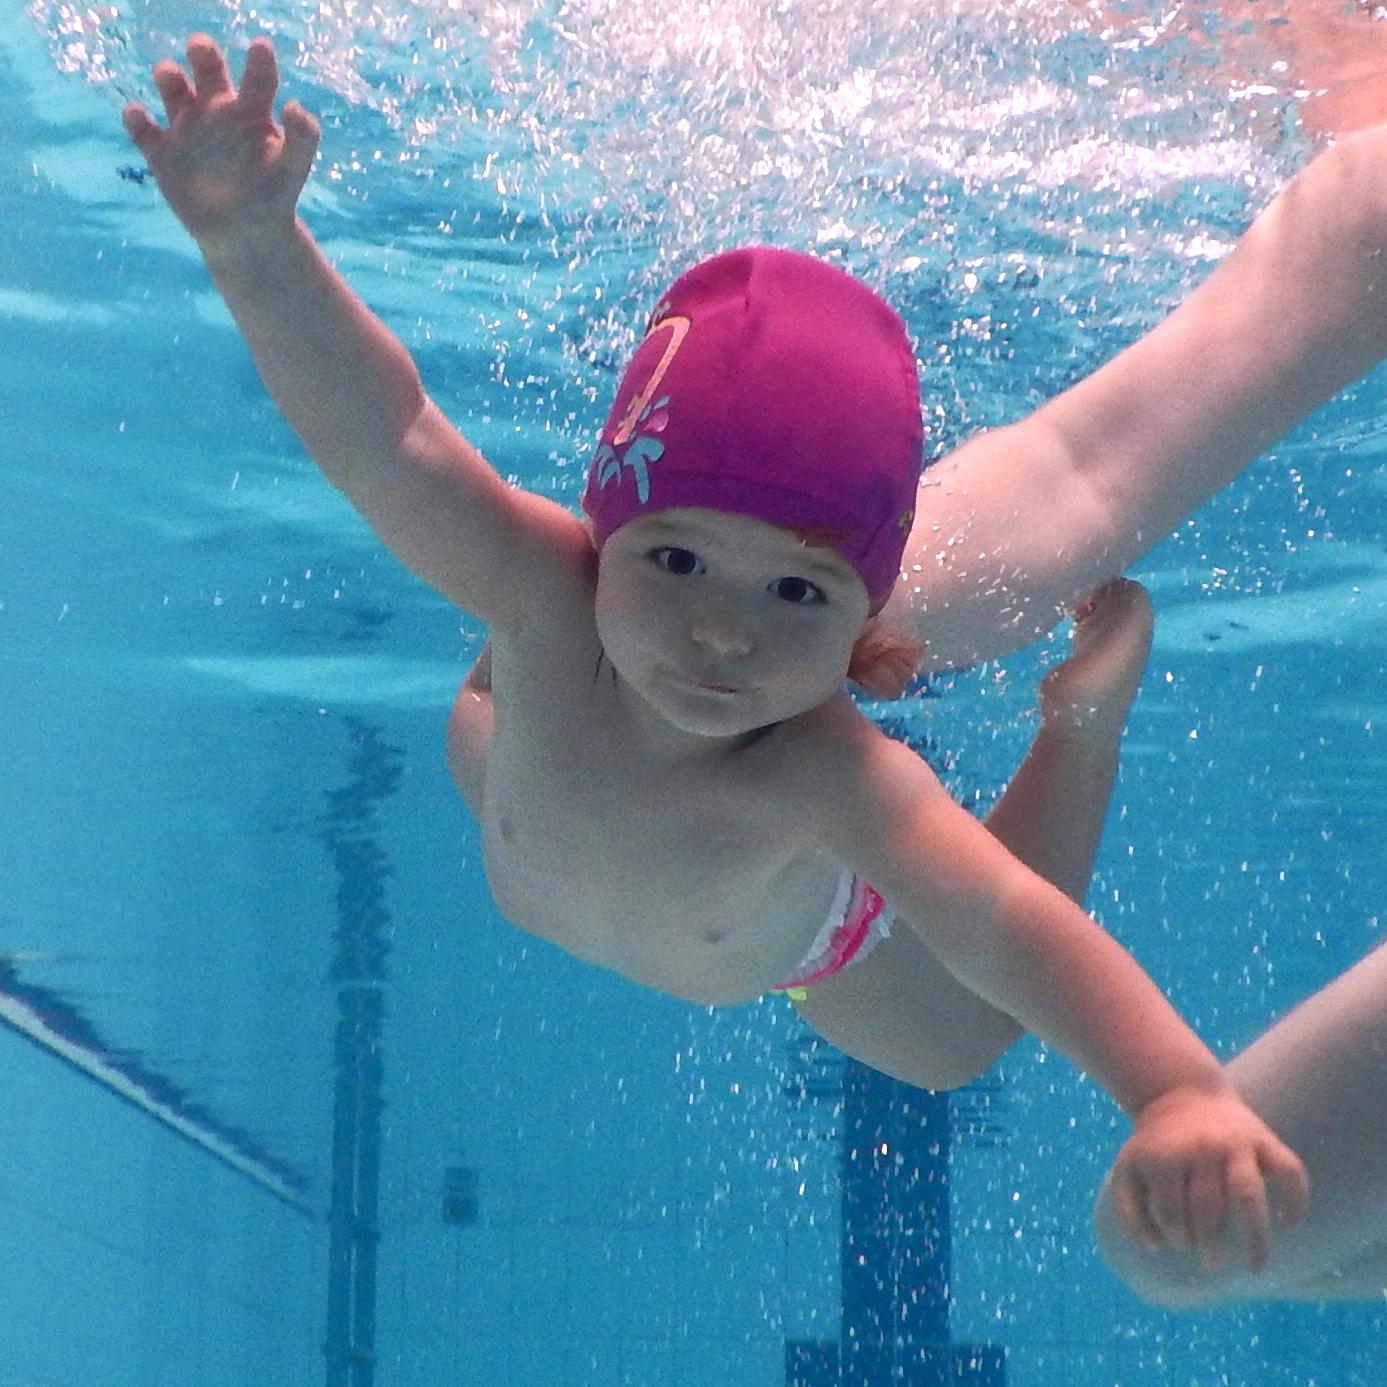 bebè in acqua piscina per neonati